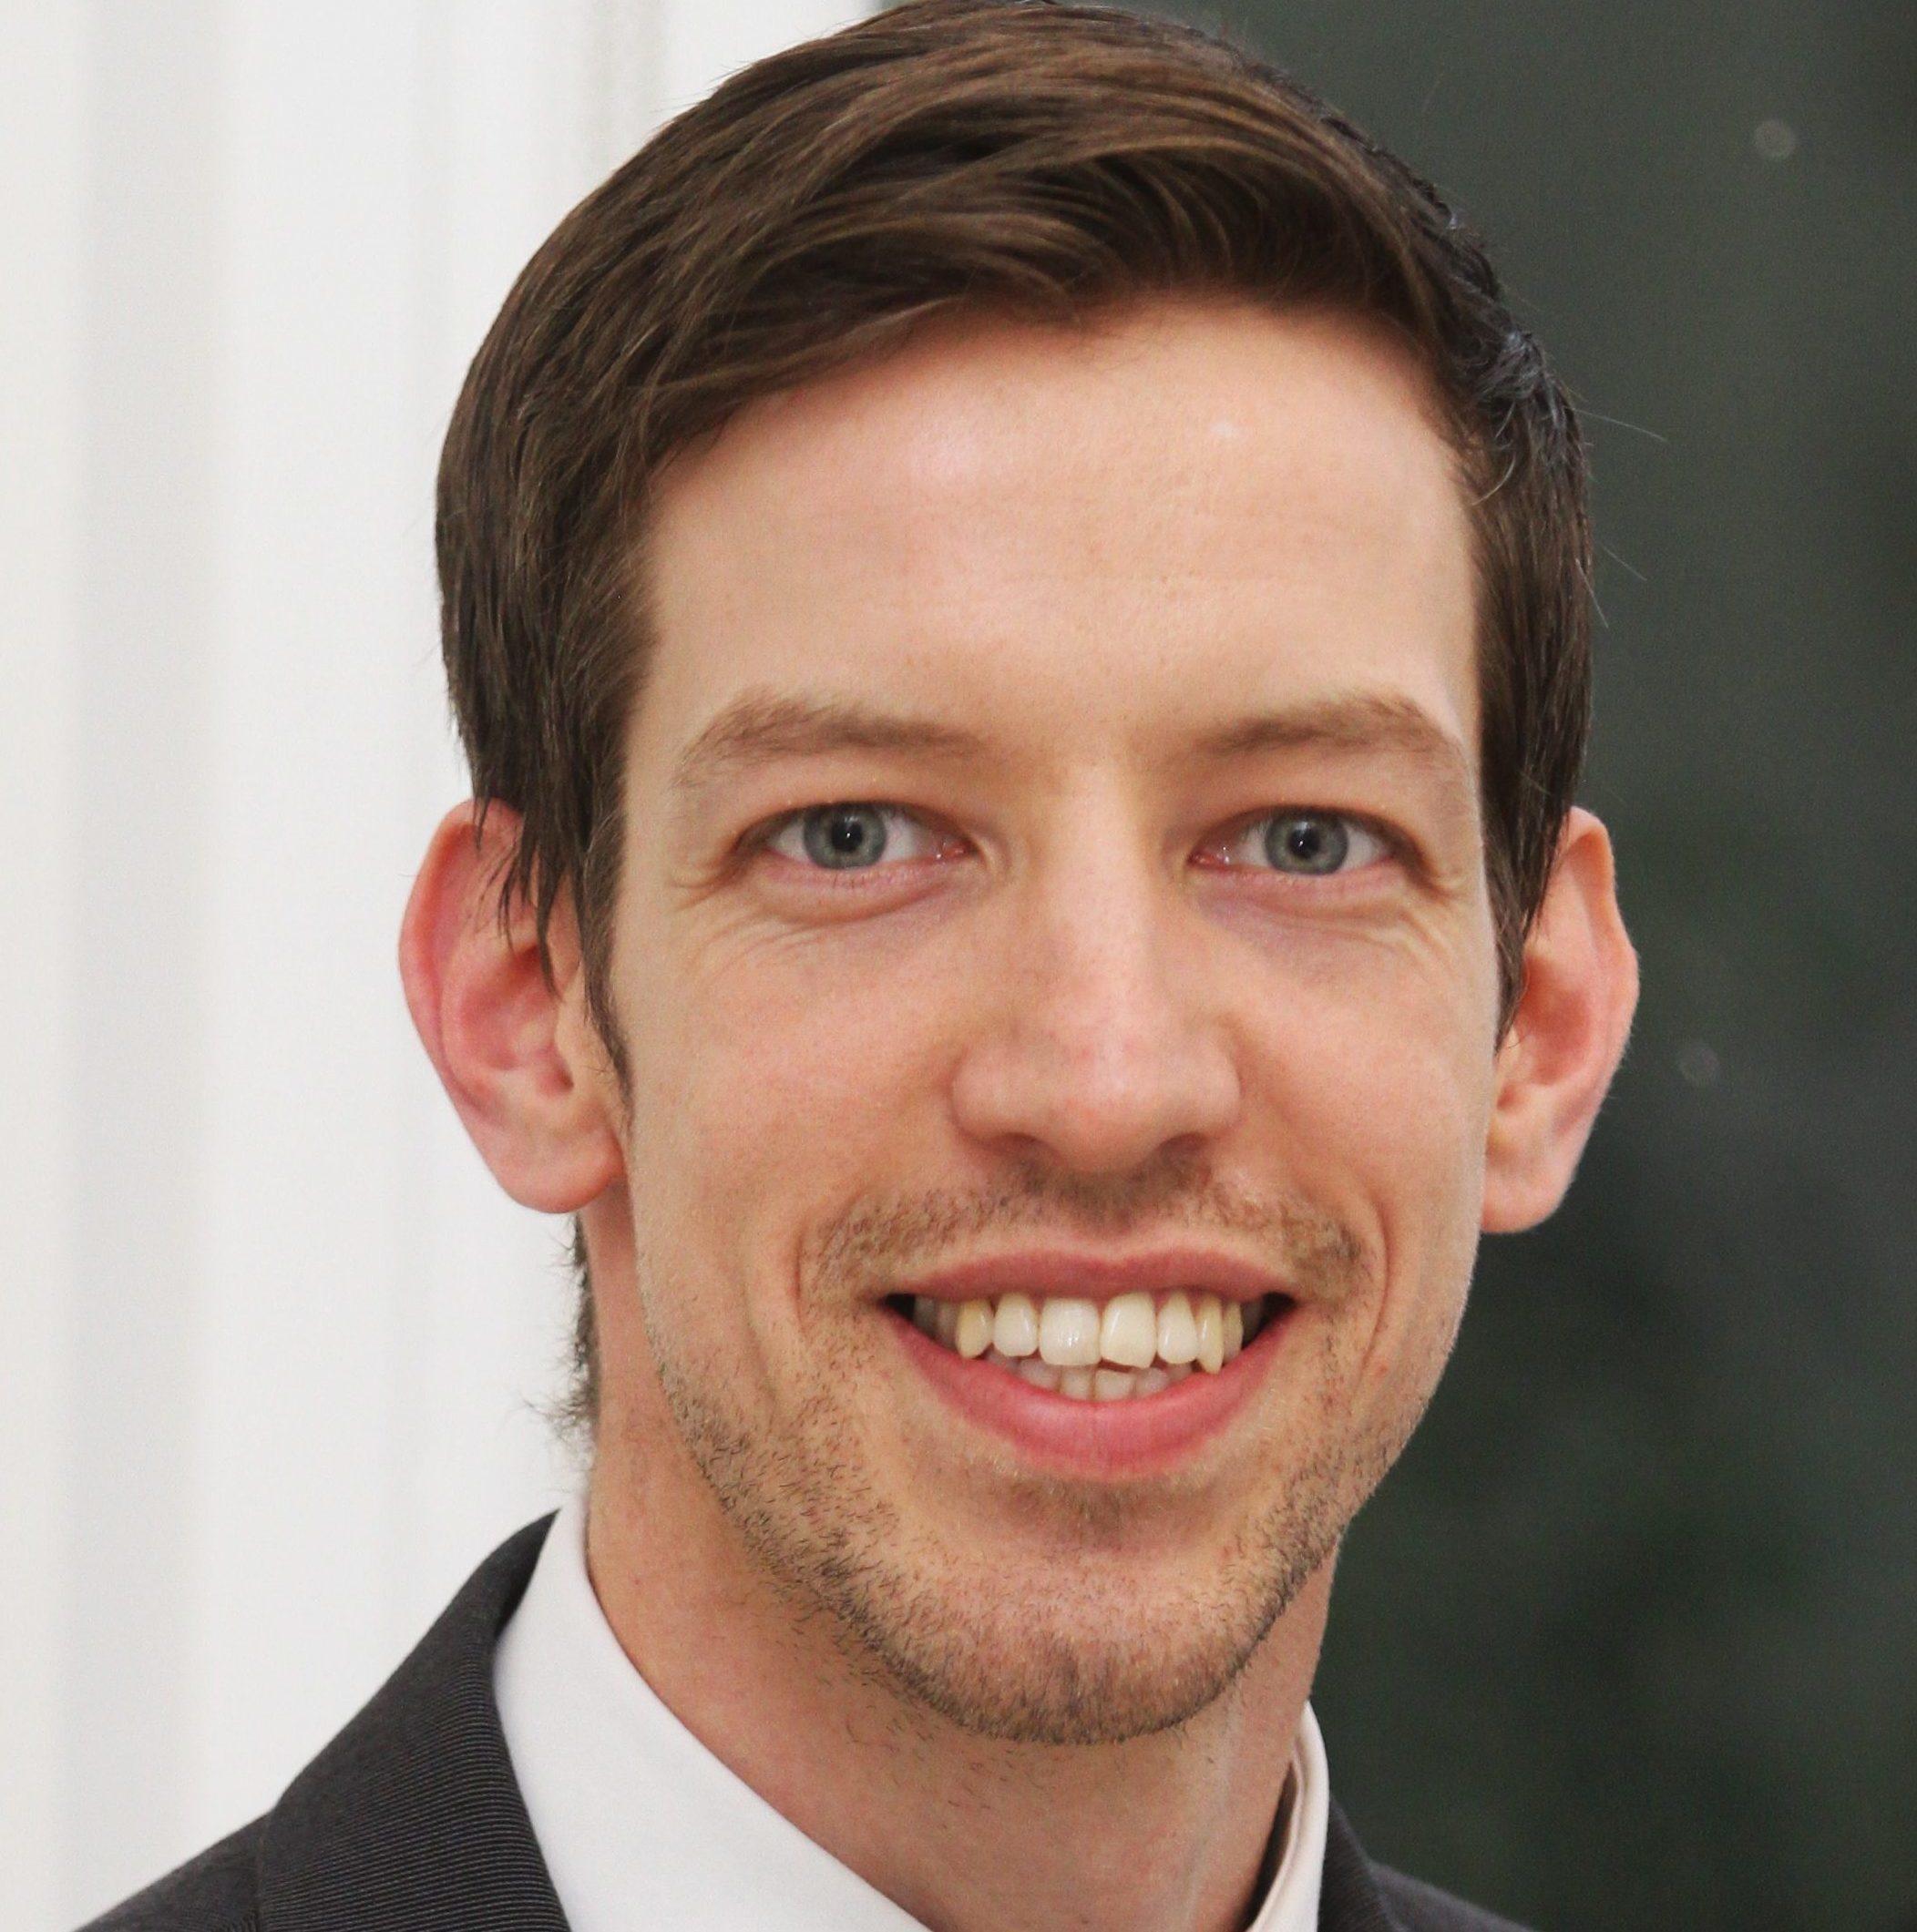 Dundee City Council leader Councillor John Alexander.